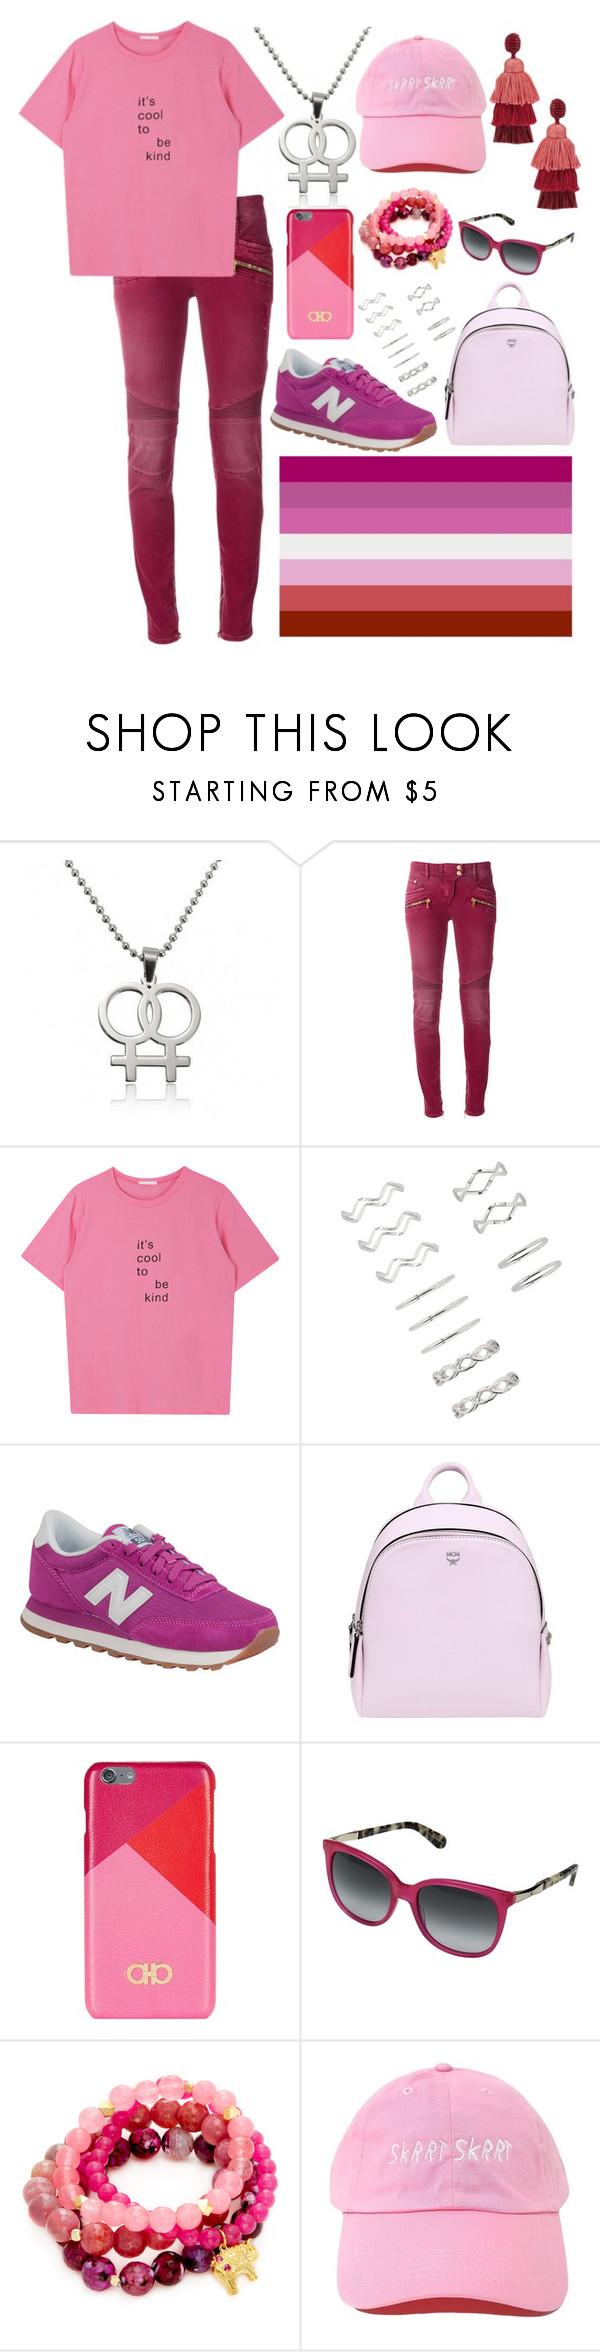 teen-pink-lesbians